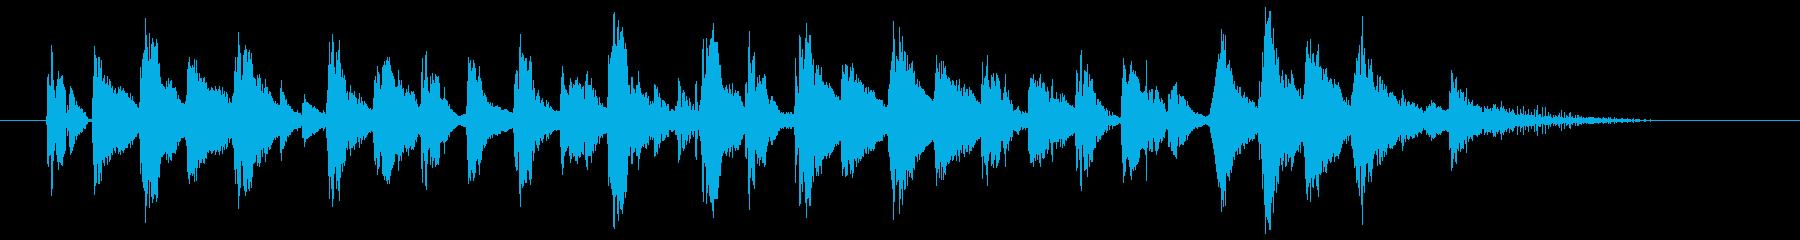 ラテン風の明るい曲の再生済みの波形